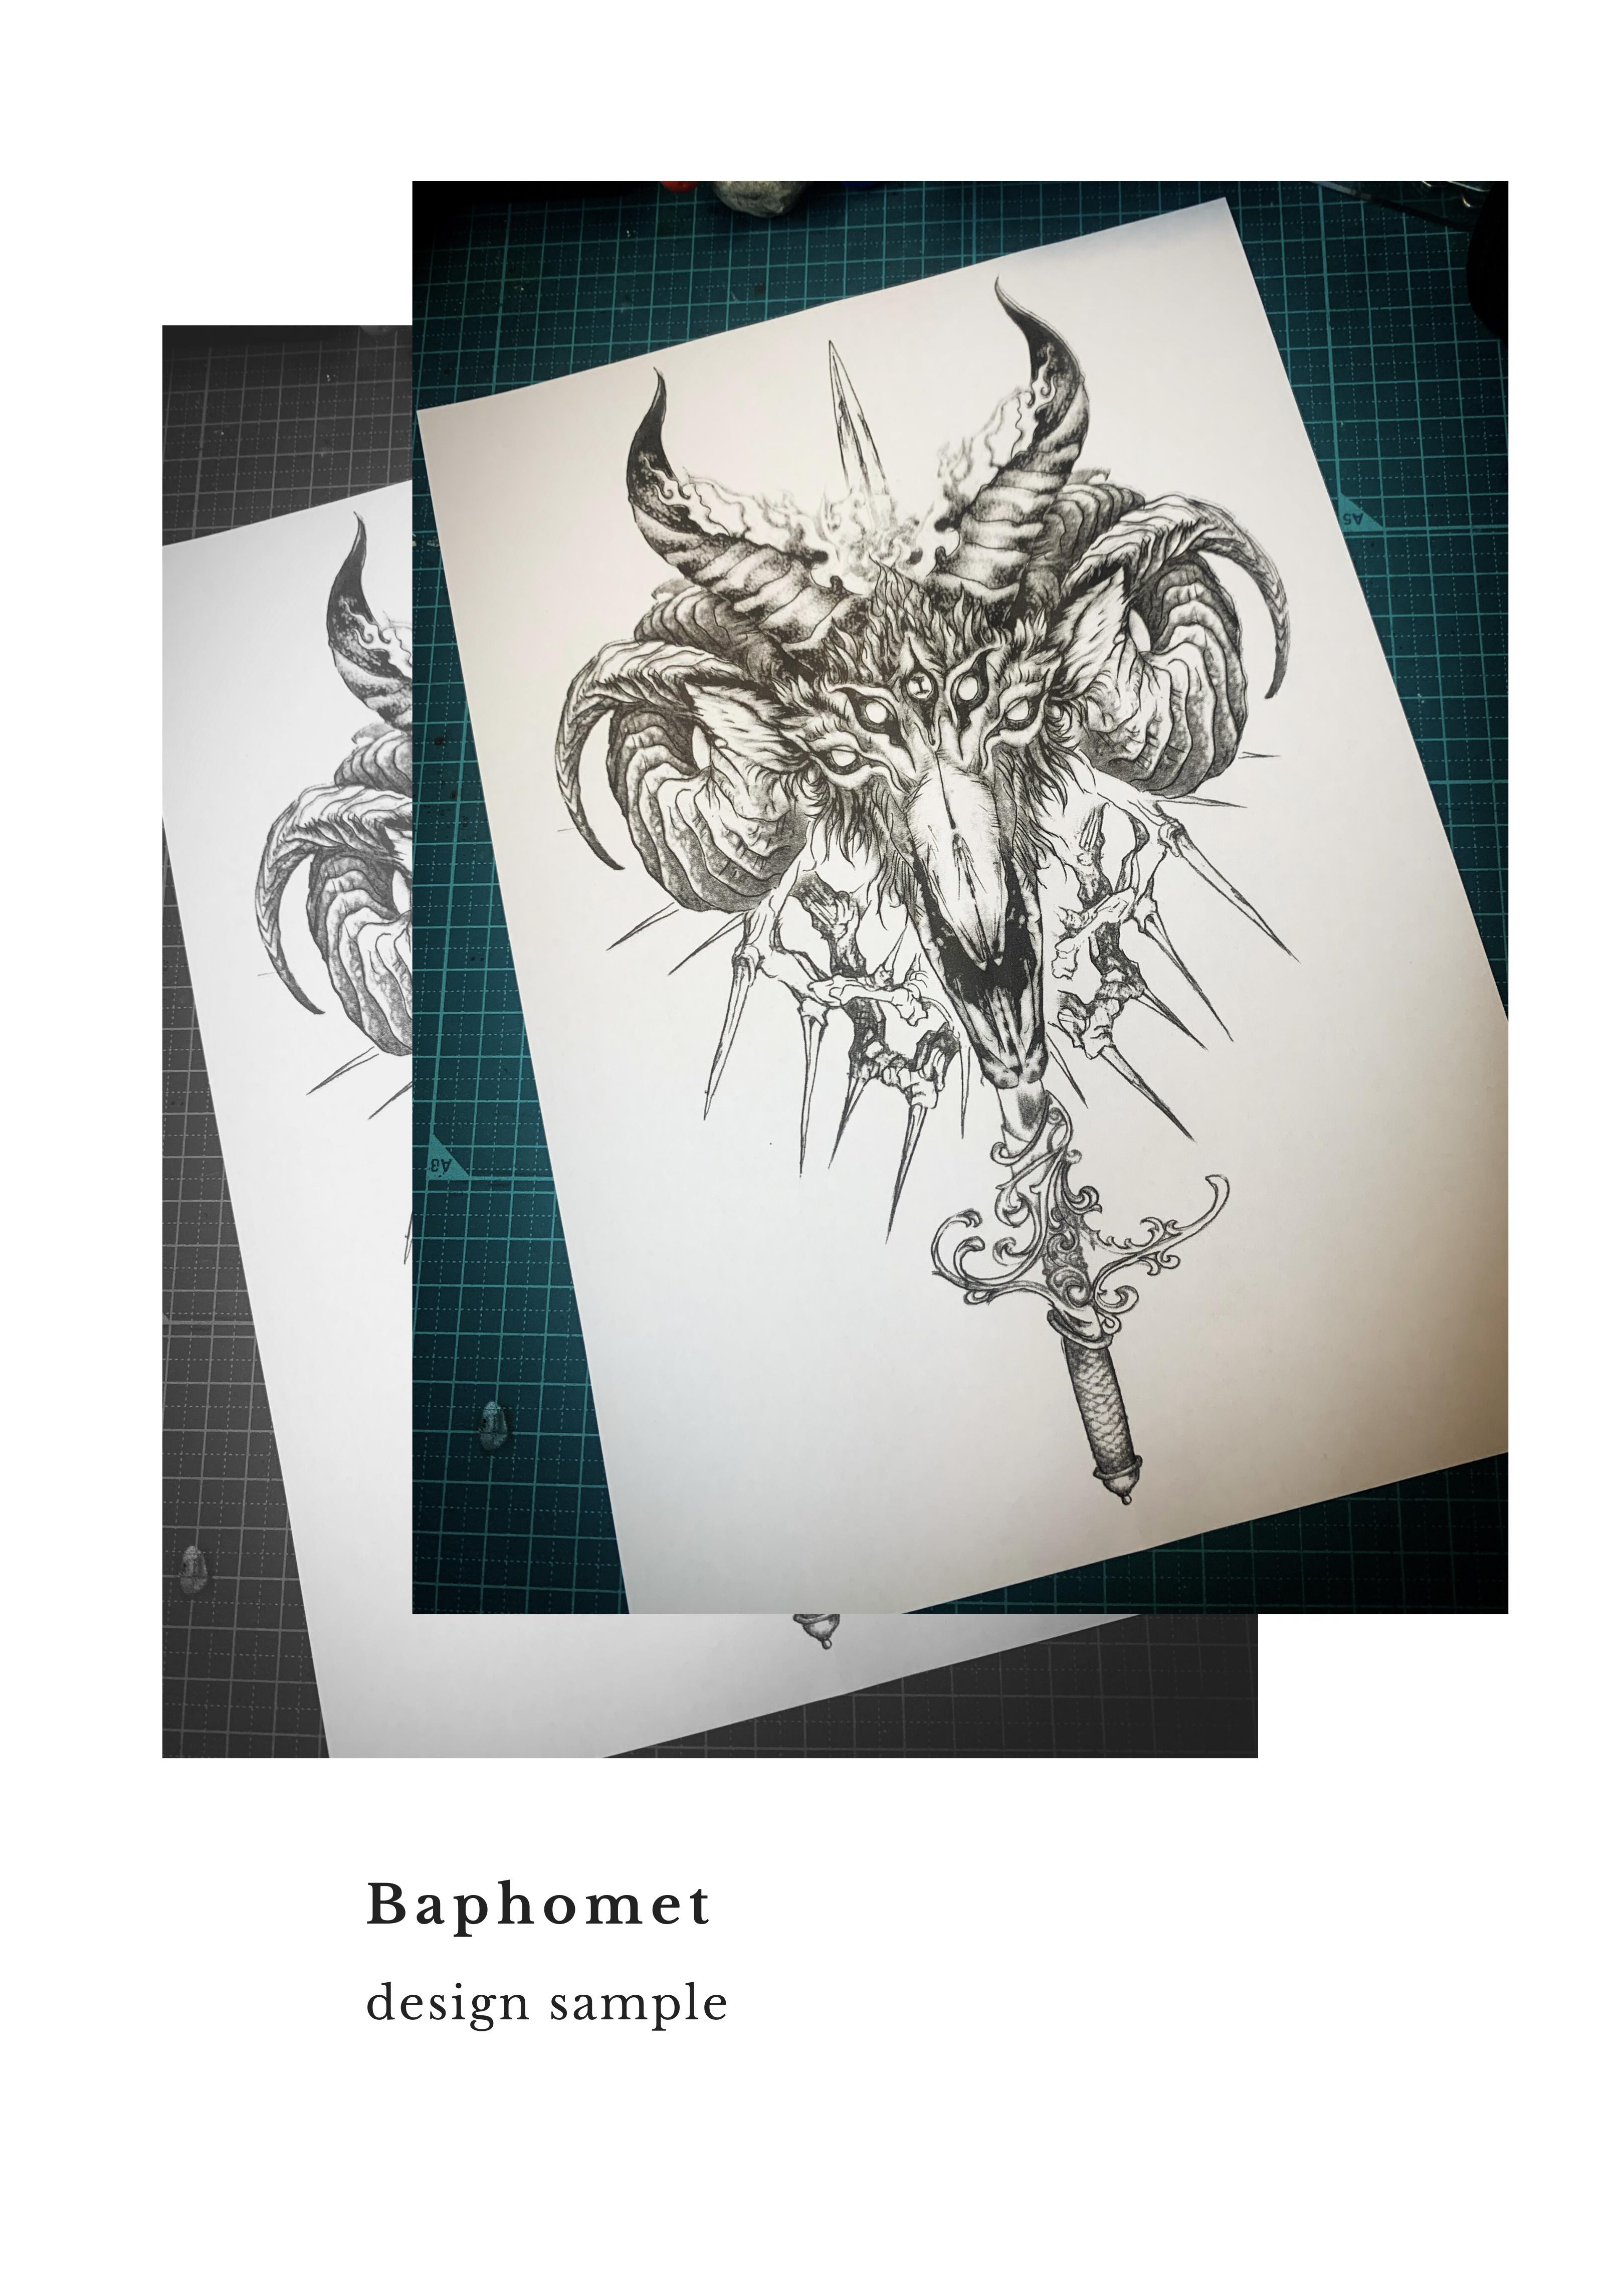 タトゥーデザイン | 東京渋谷タトゥースタジオ 刺青師 渋谷伊彫